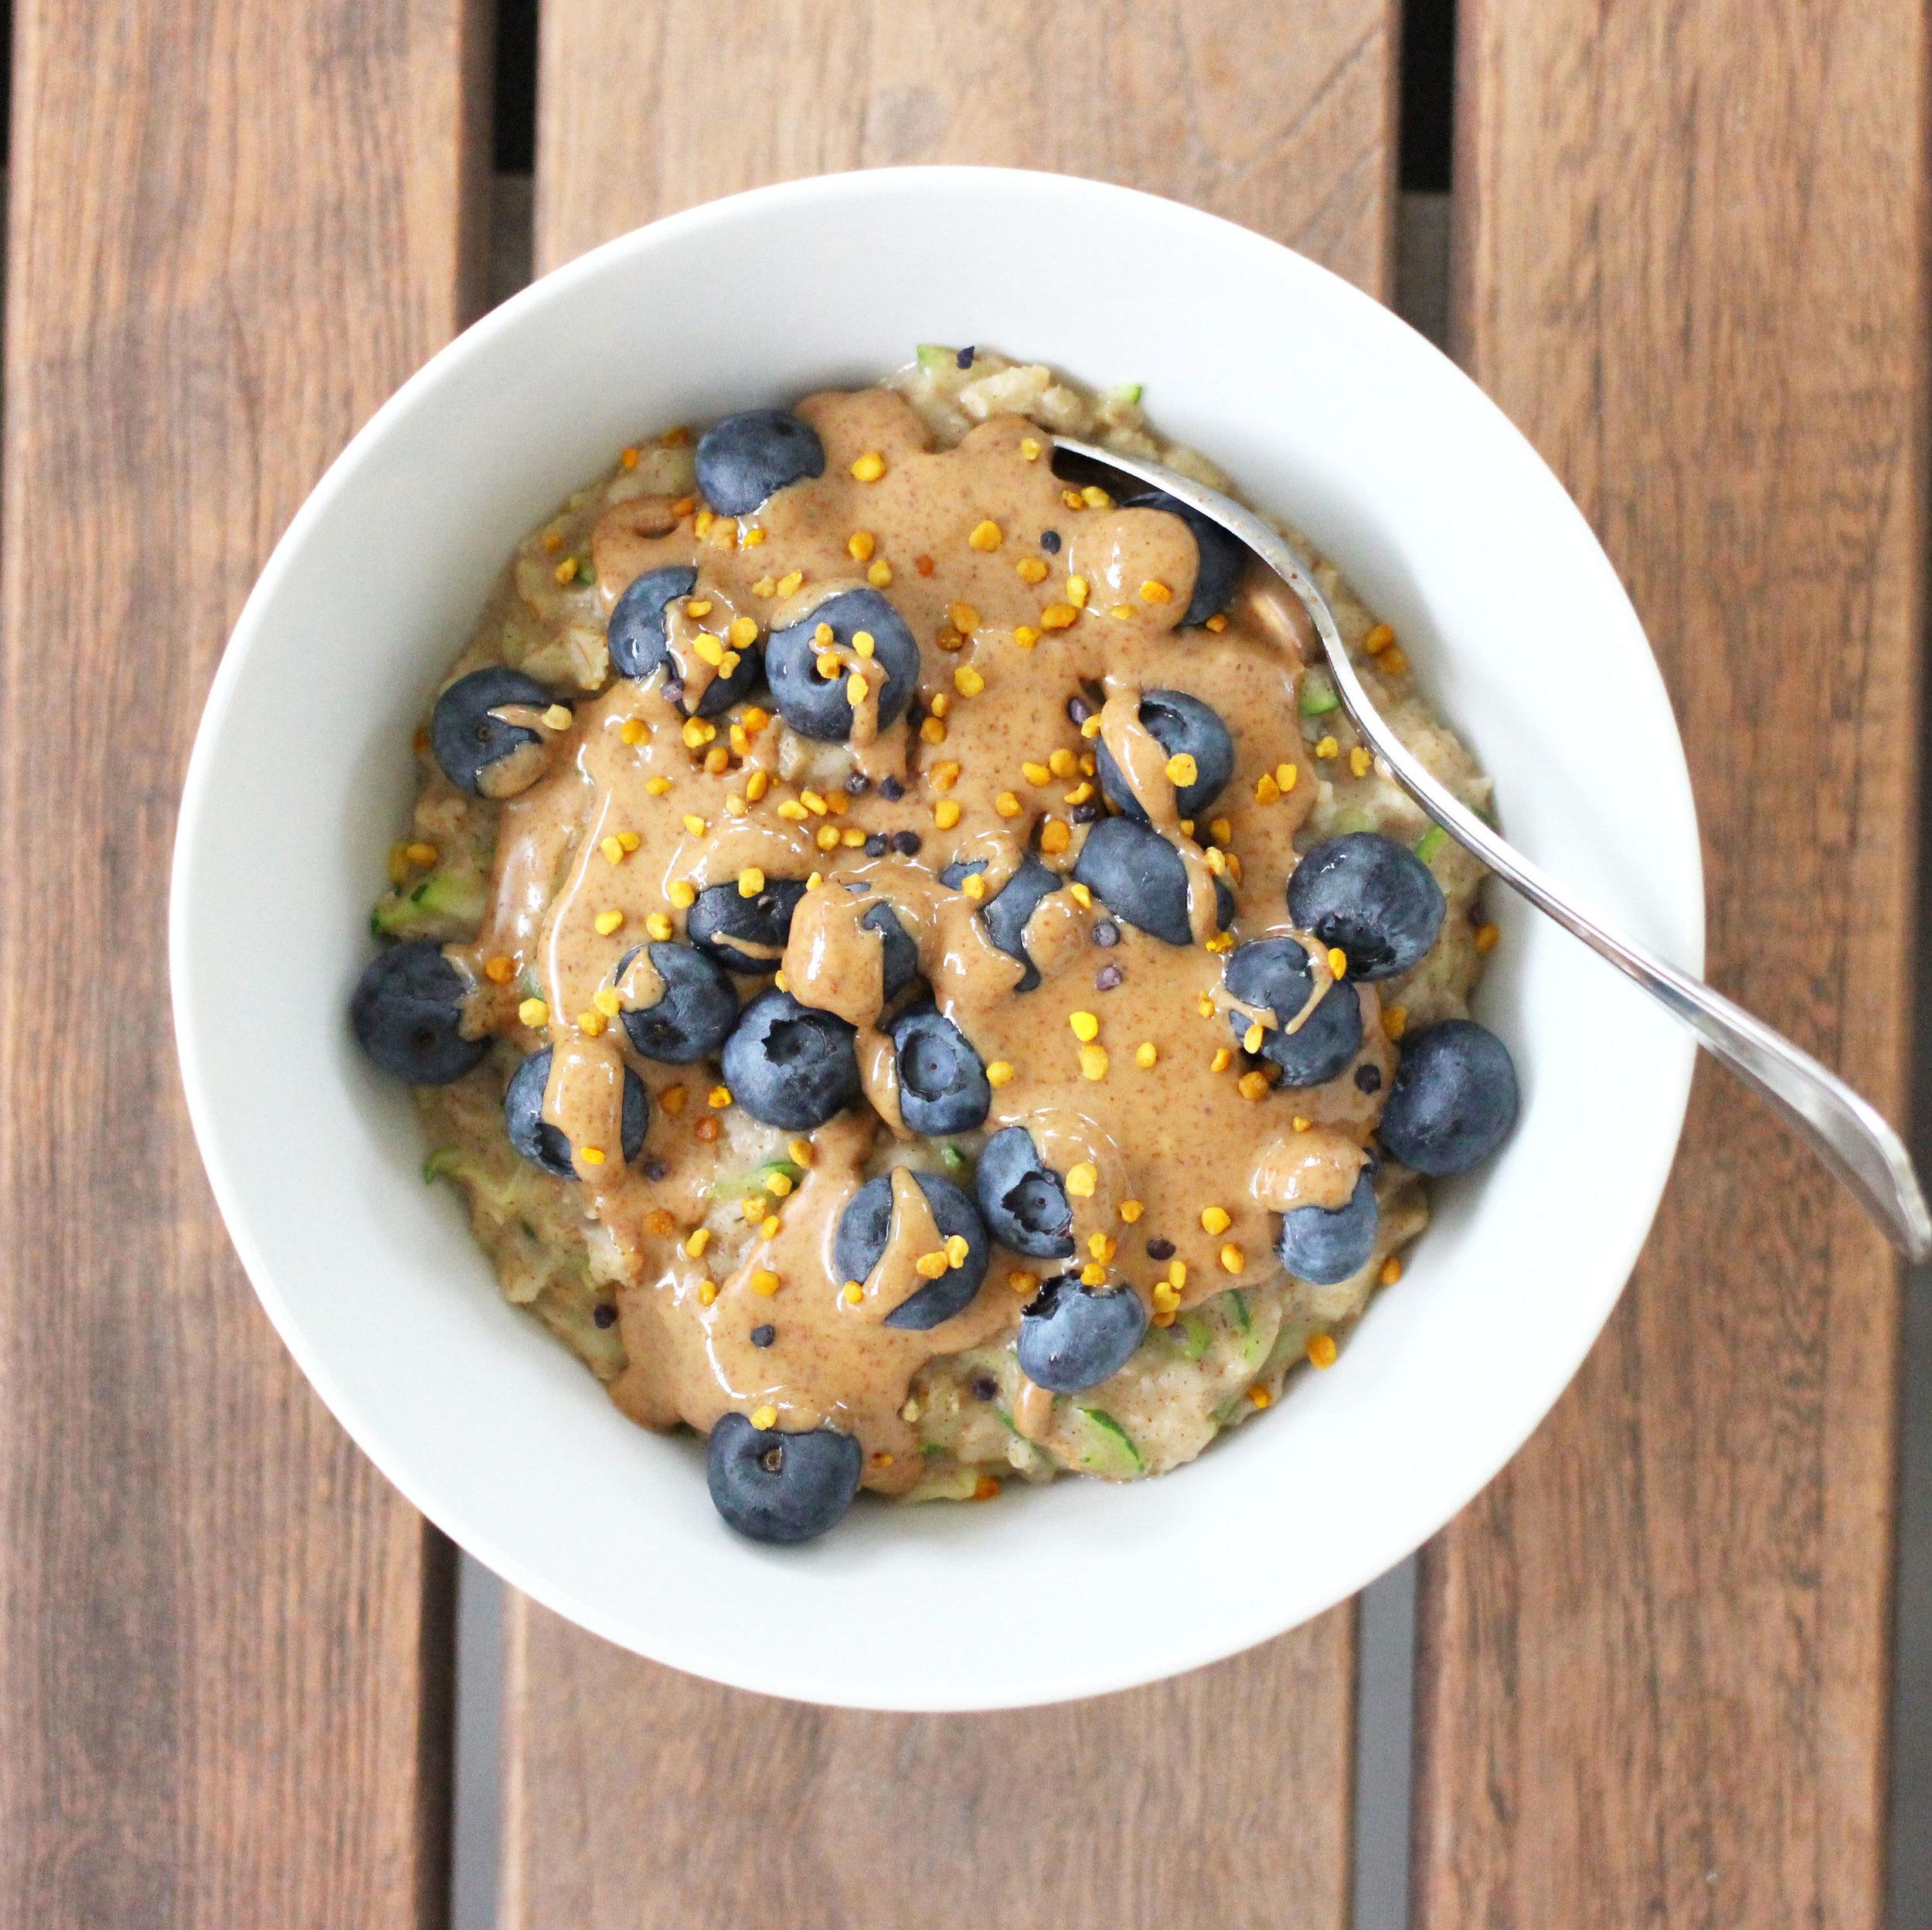 zucchini oats dunnebells.jpg